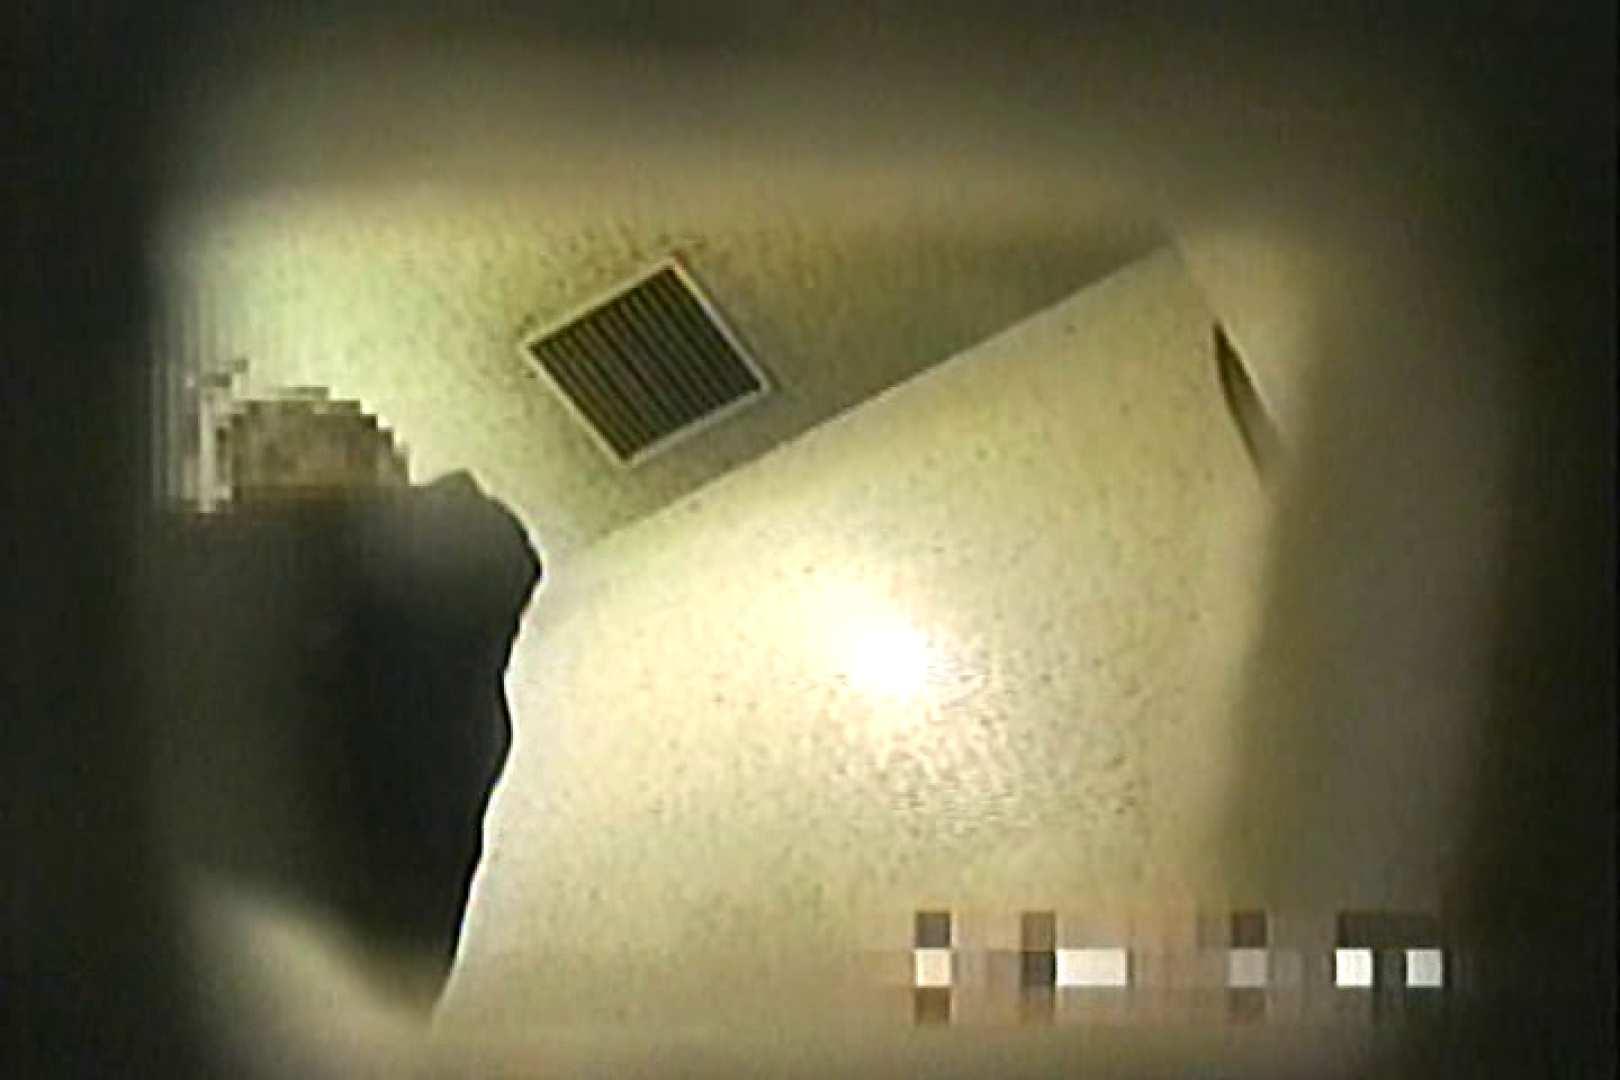 女子洗面所盗撮 今度の2カメは若い子だらけ  TK-127 マルチアングル | おまんこ  91画像 76